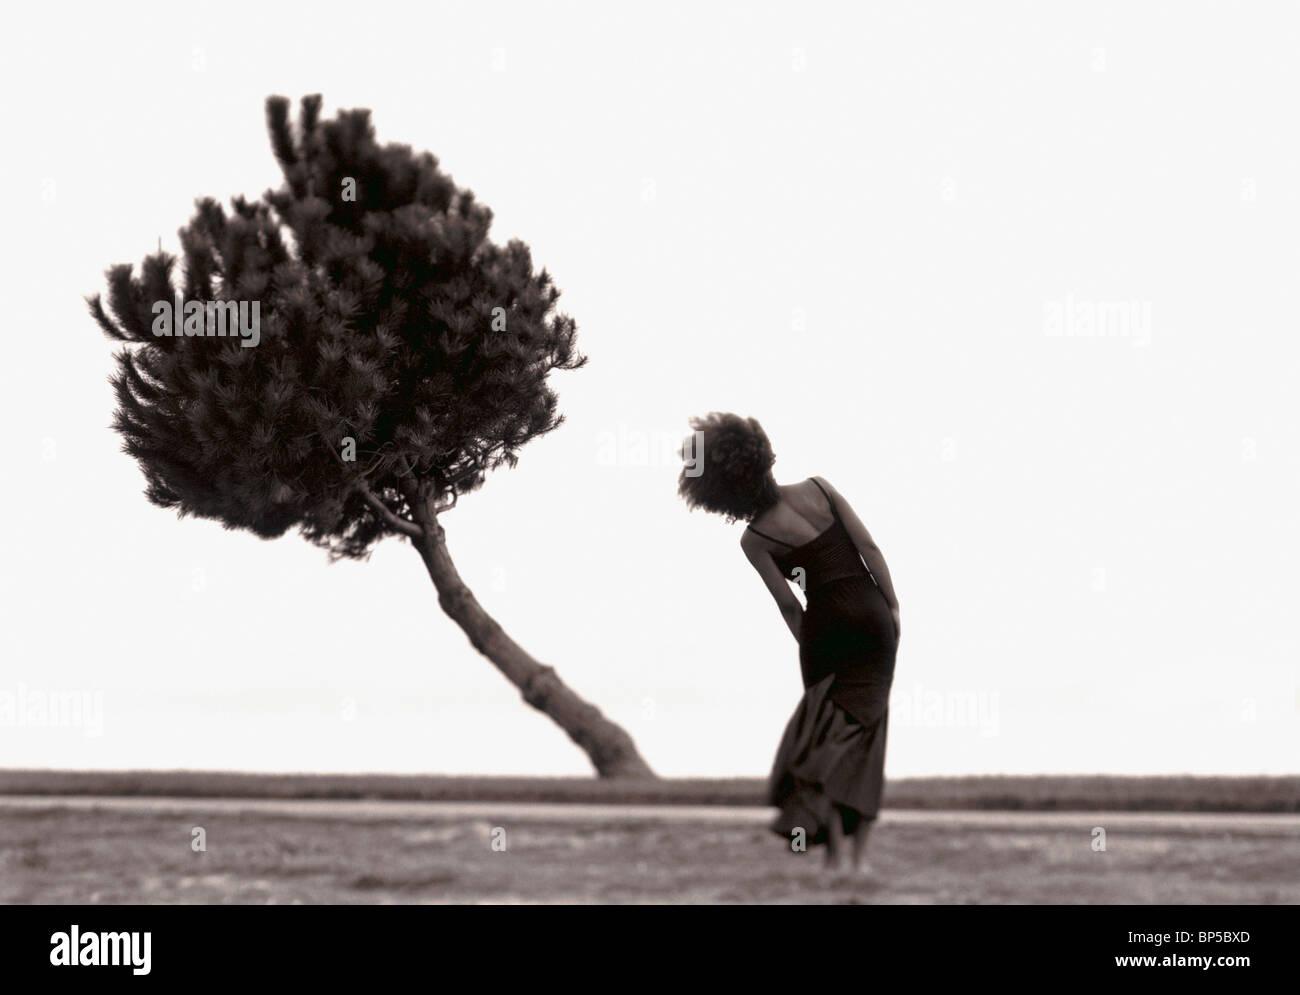 Femme au corps de flexion du paysage d'imiter l'arborescence de flexion. Photo Stock